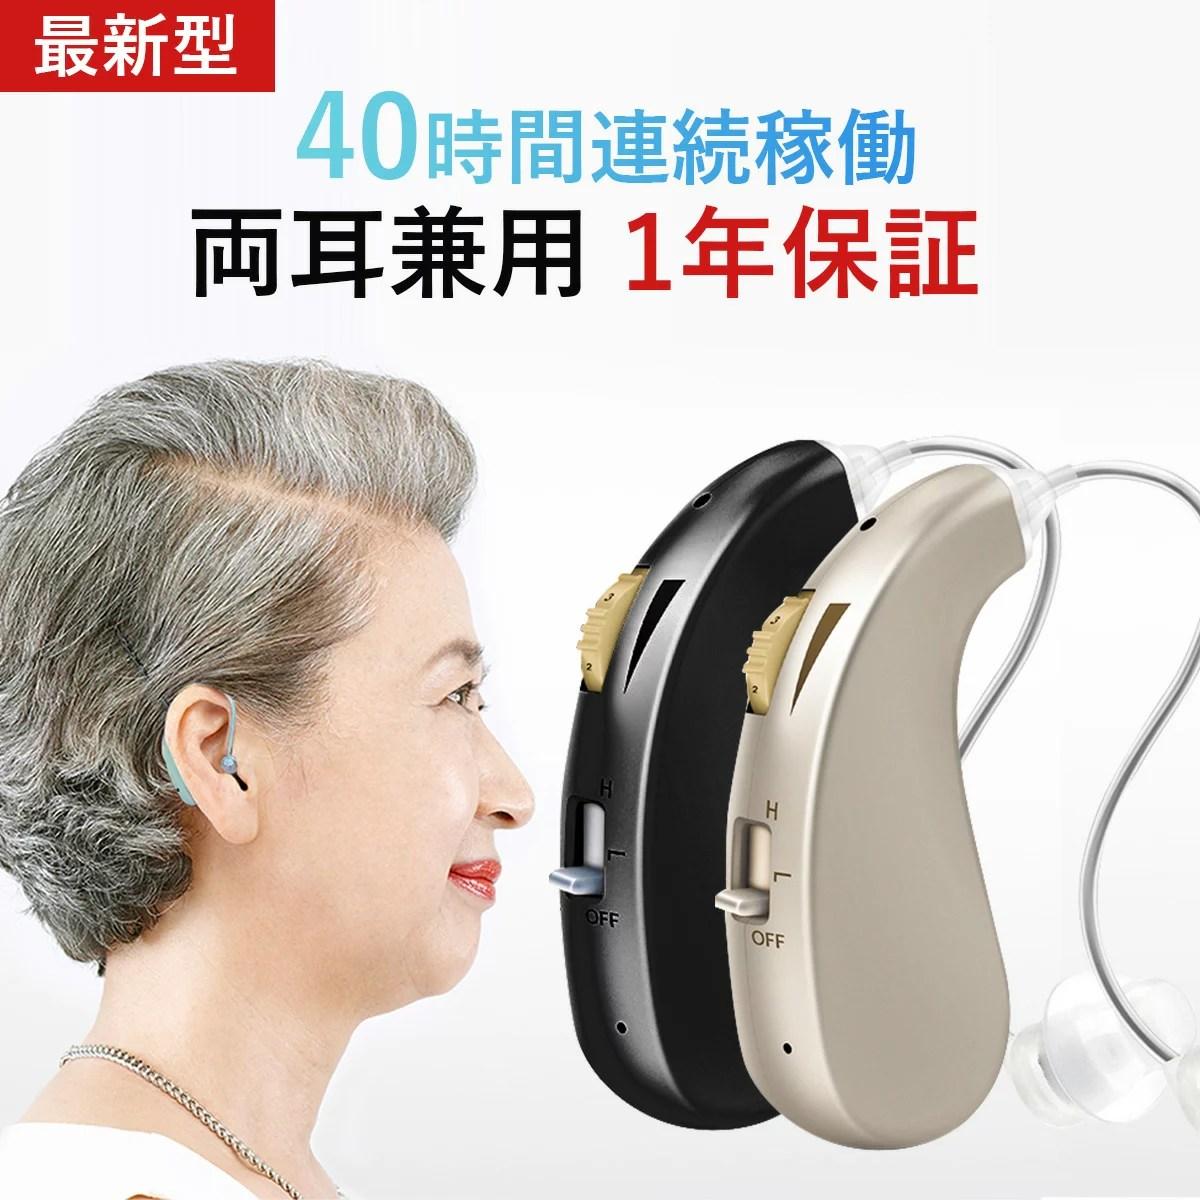 【1年保証】集音器 充電式 ワイヤレス 補聴器高齢者 軽量 耳掛け式 中度難聴者用 充電式集音器 補